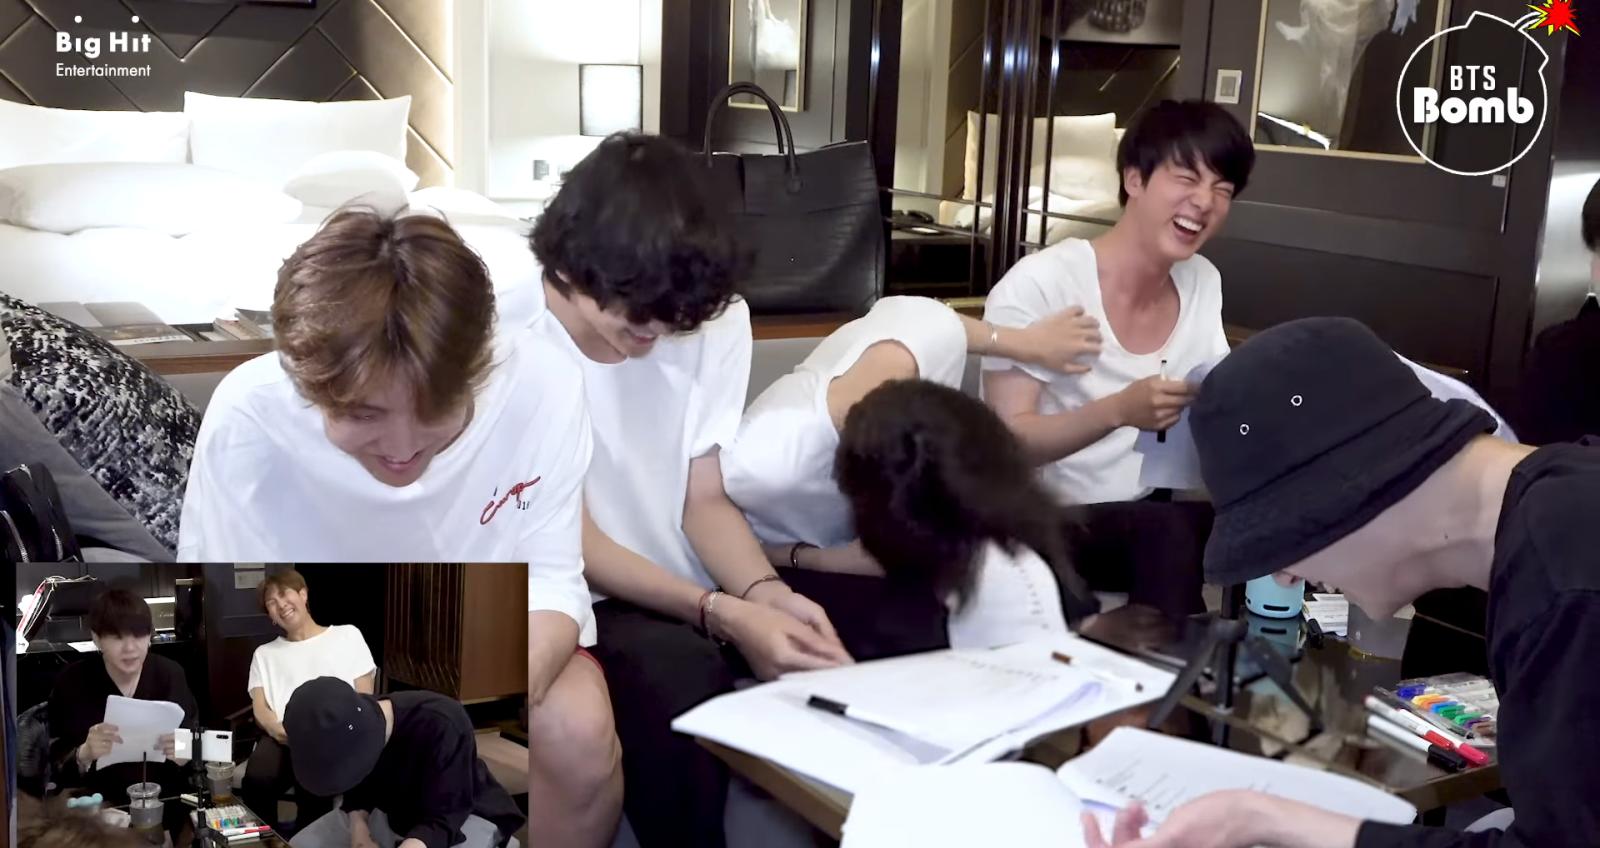 BTS. Jin. Jin nói không với tiêu chuẩn kép của người nổi tiếng. Jin BTS hài hước. 'Cười ngất' với những lần Jin BTS 'nói không' với tiêu chuẩn kép khi làm người nổi tiếng